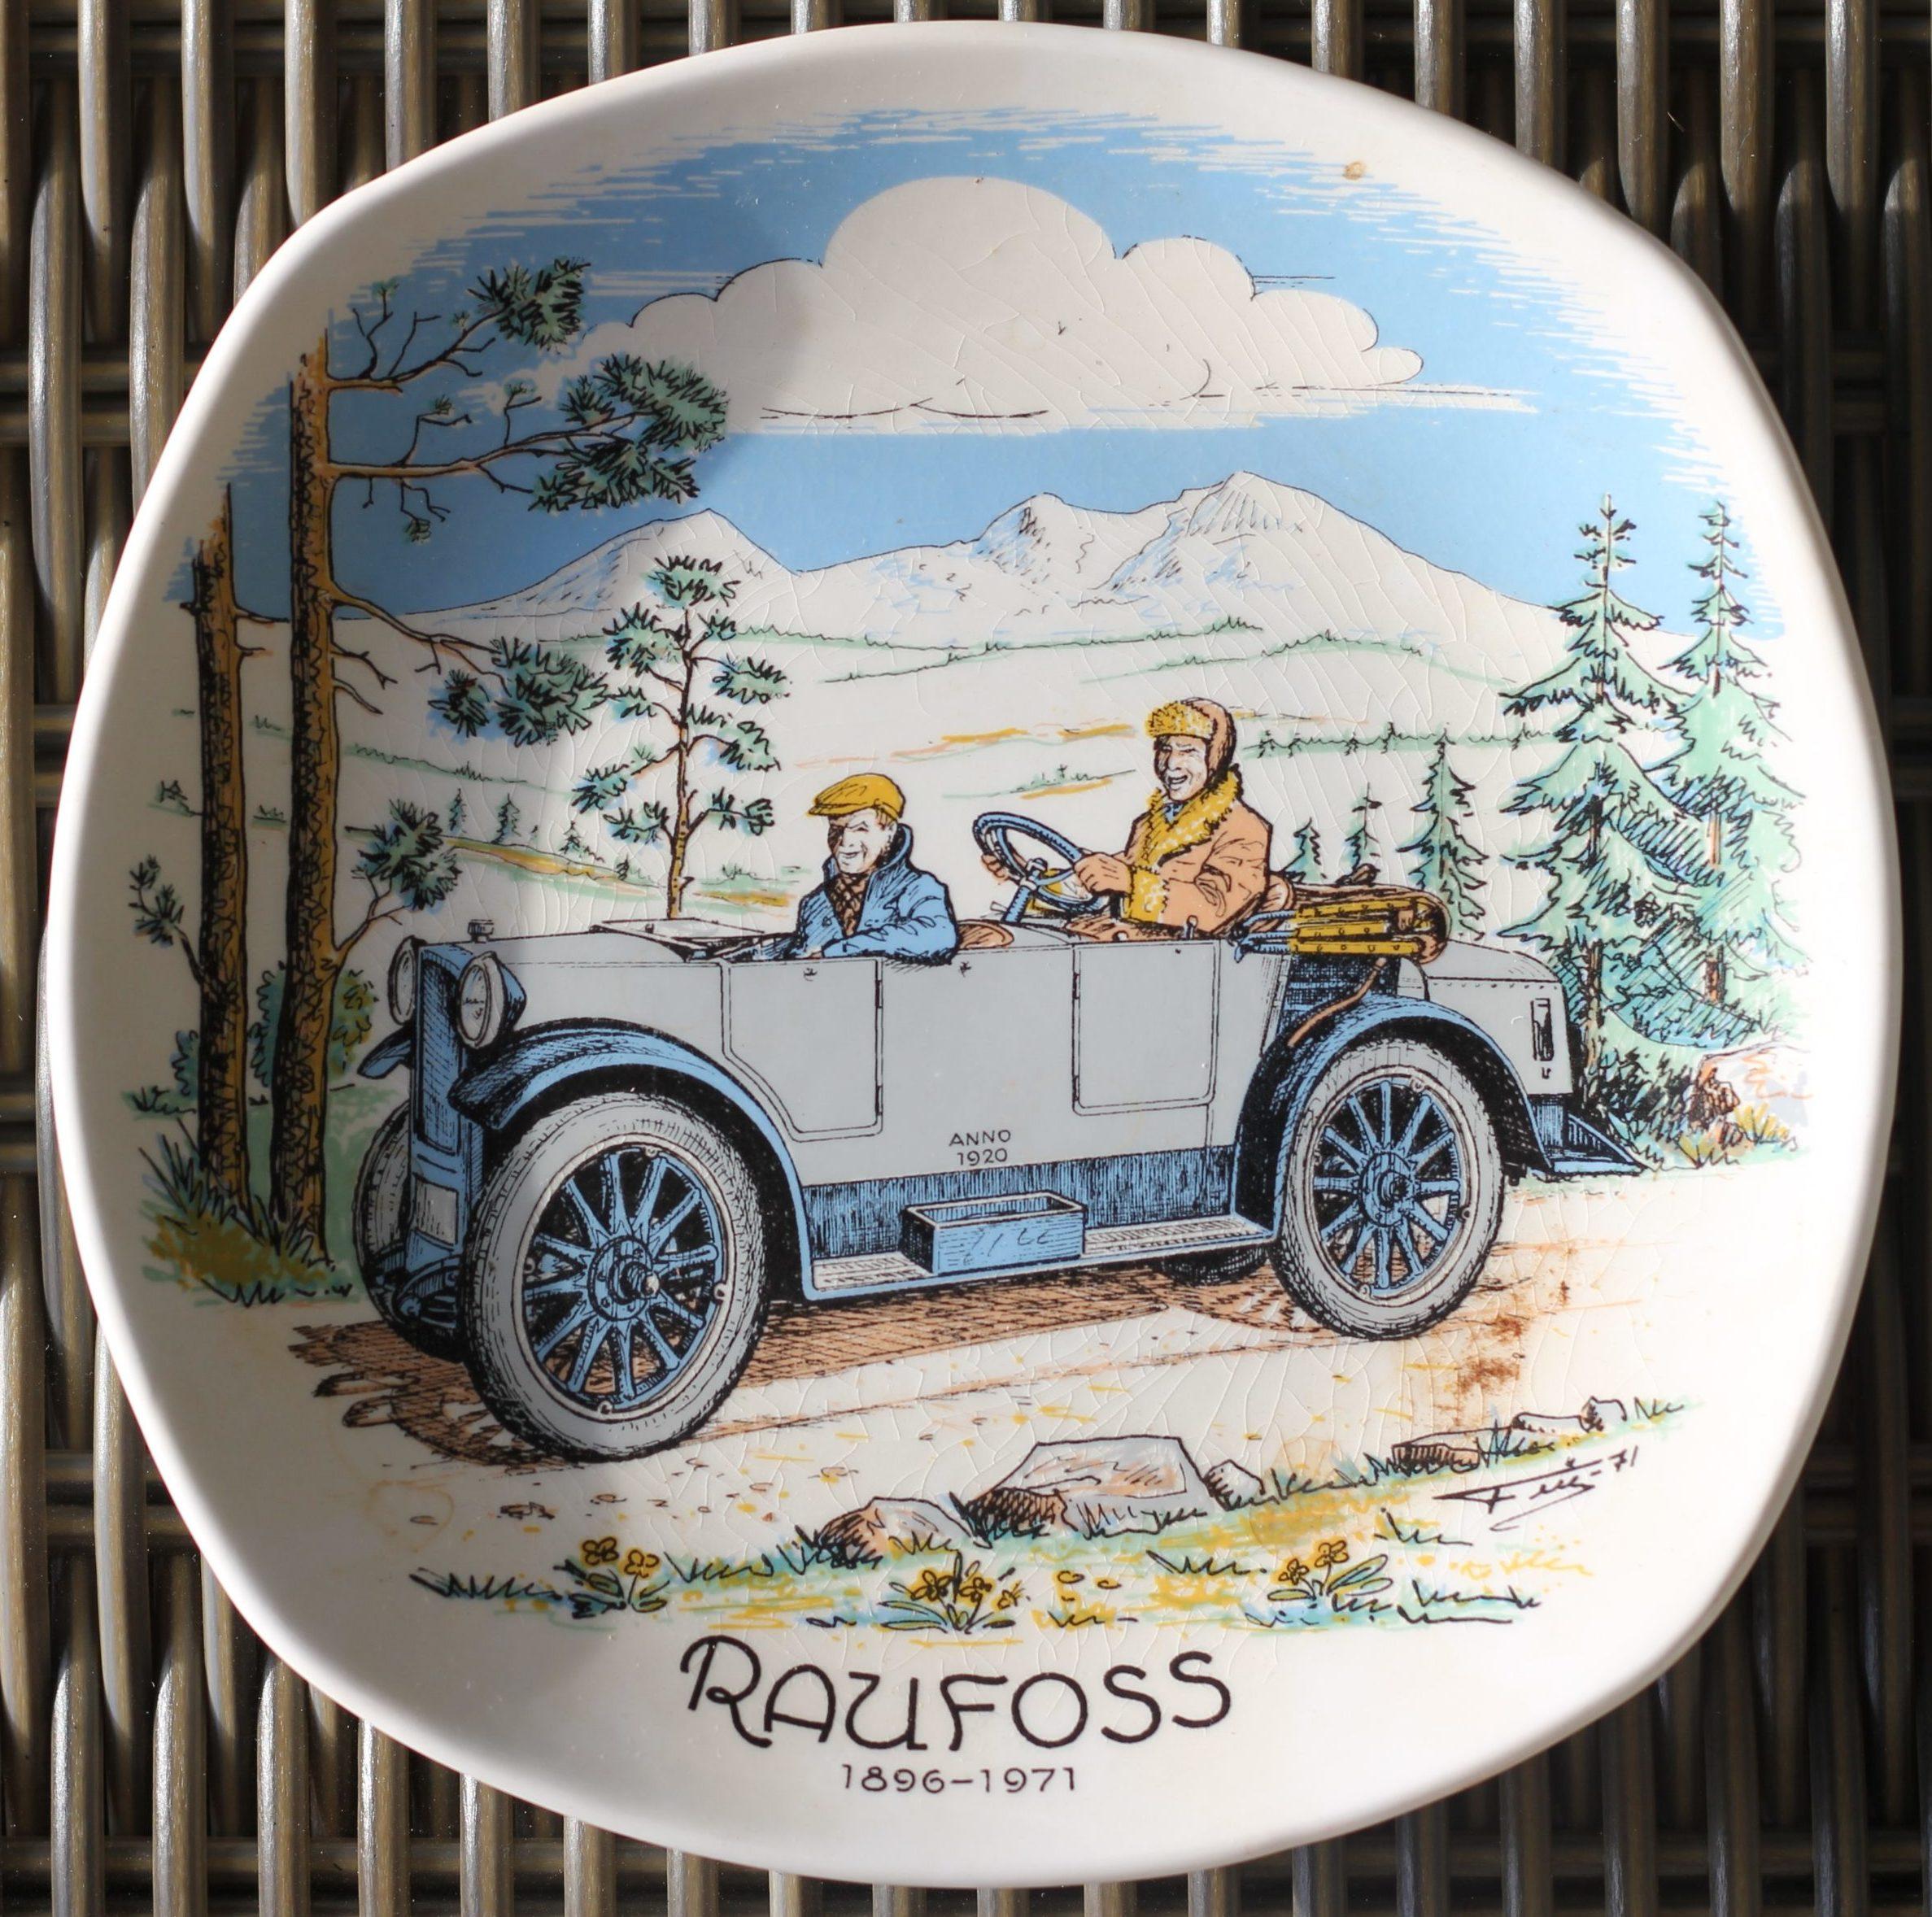 Veteranbil 1896-1971 platte utgitt 1971 – Raufoss historie